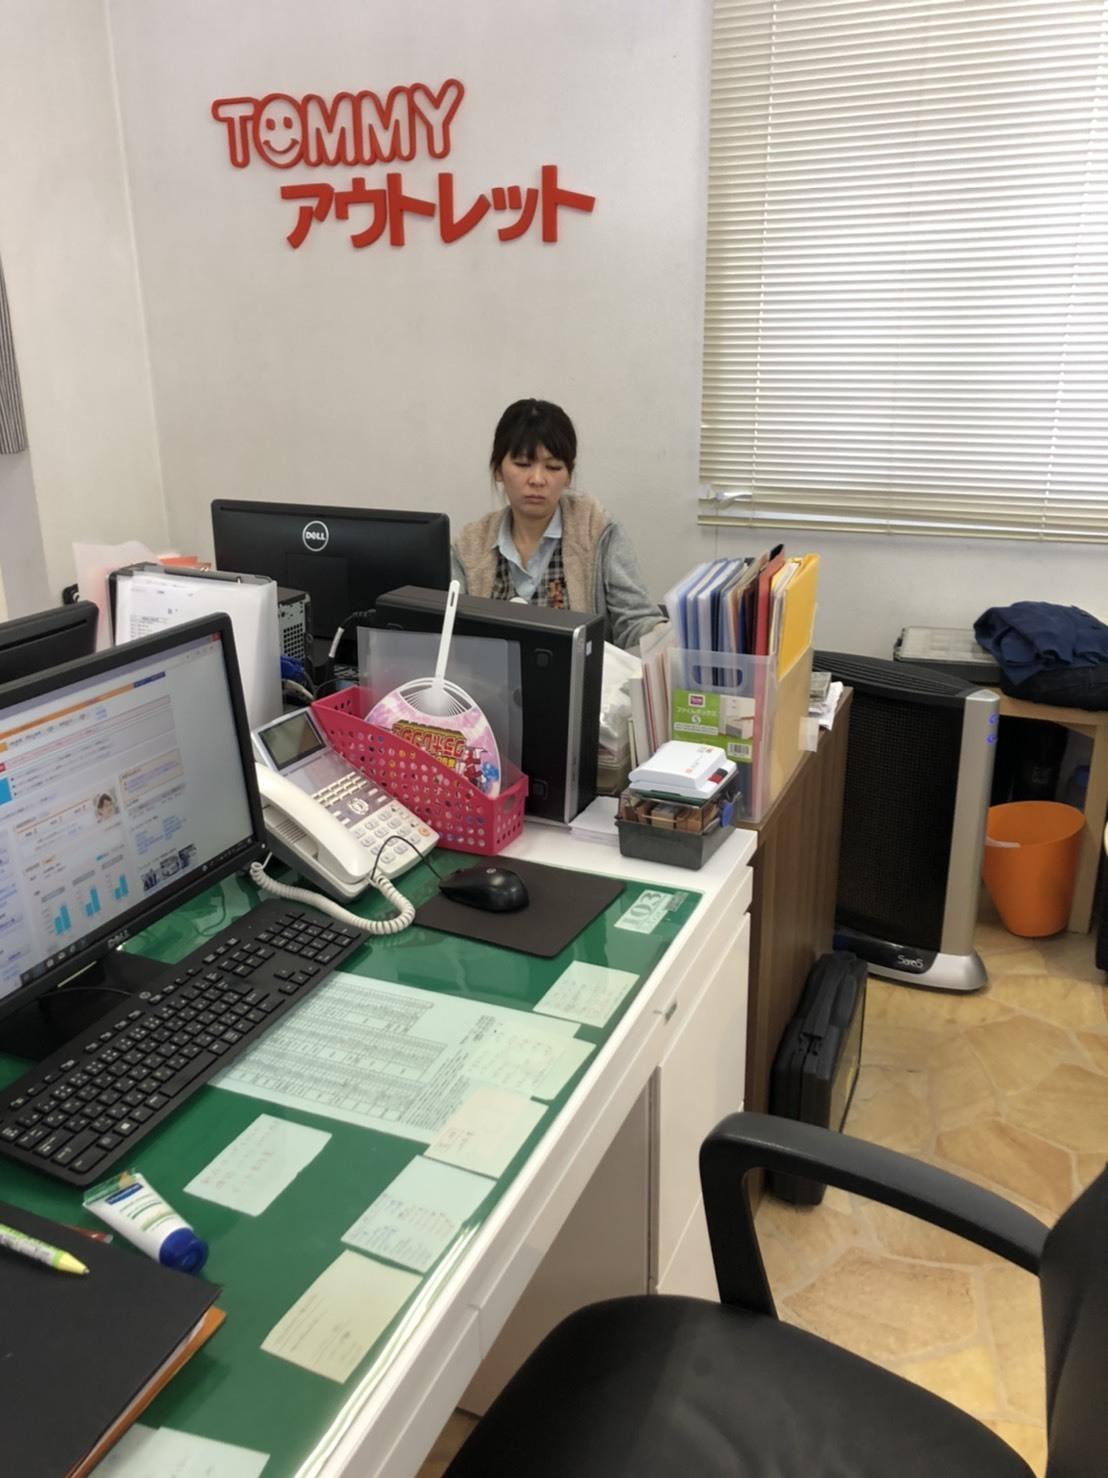 1月28日(火)☆TOMMYアウトレット☆あゆブログ٩(●˙▿˙●)۶ 初売りプライスは月末まで!!_b0127002_17575237.jpg